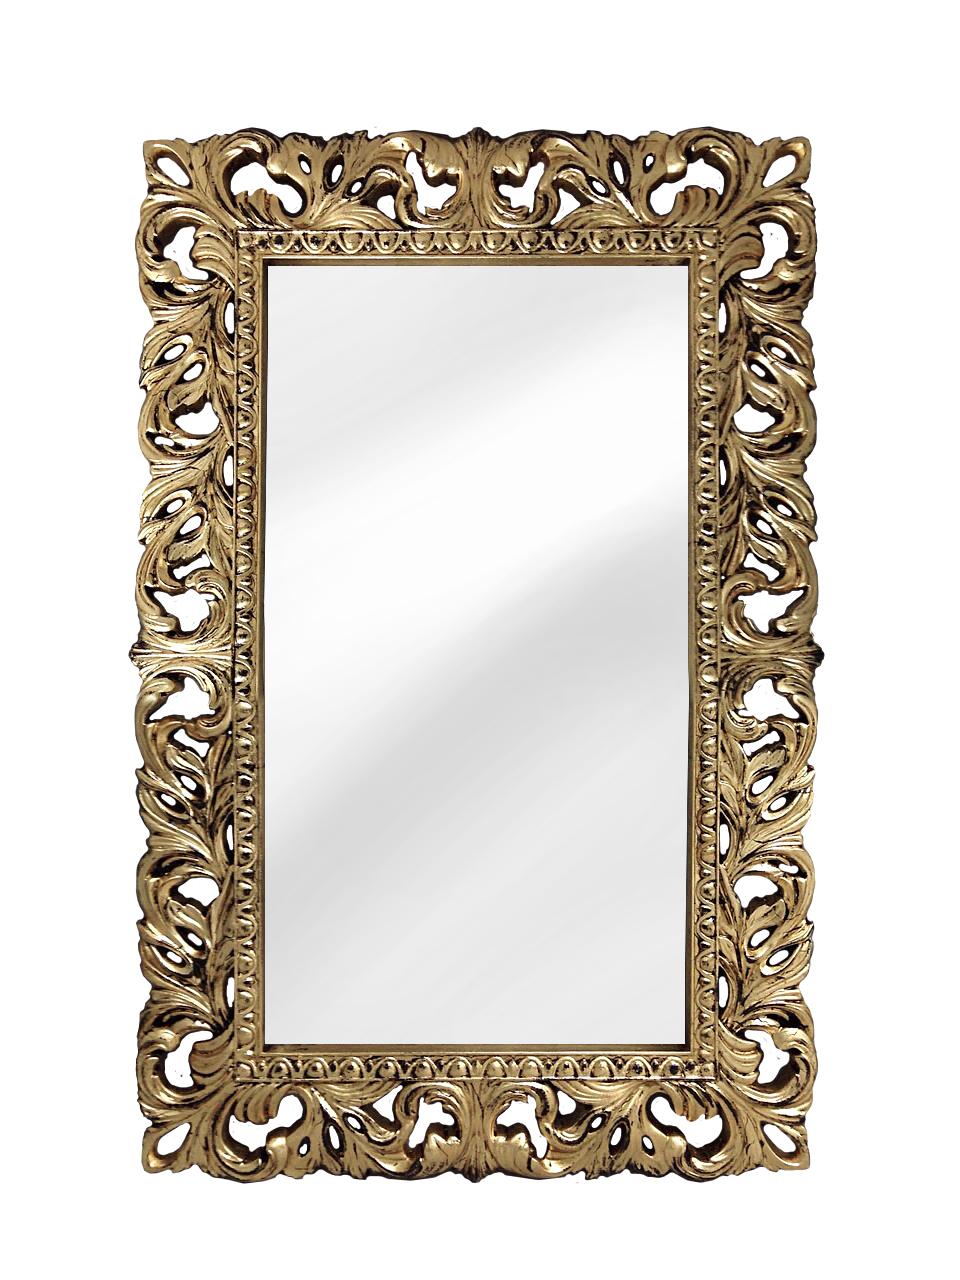 Купить Винтажное итальянское зеркало, inmyroom, Россия